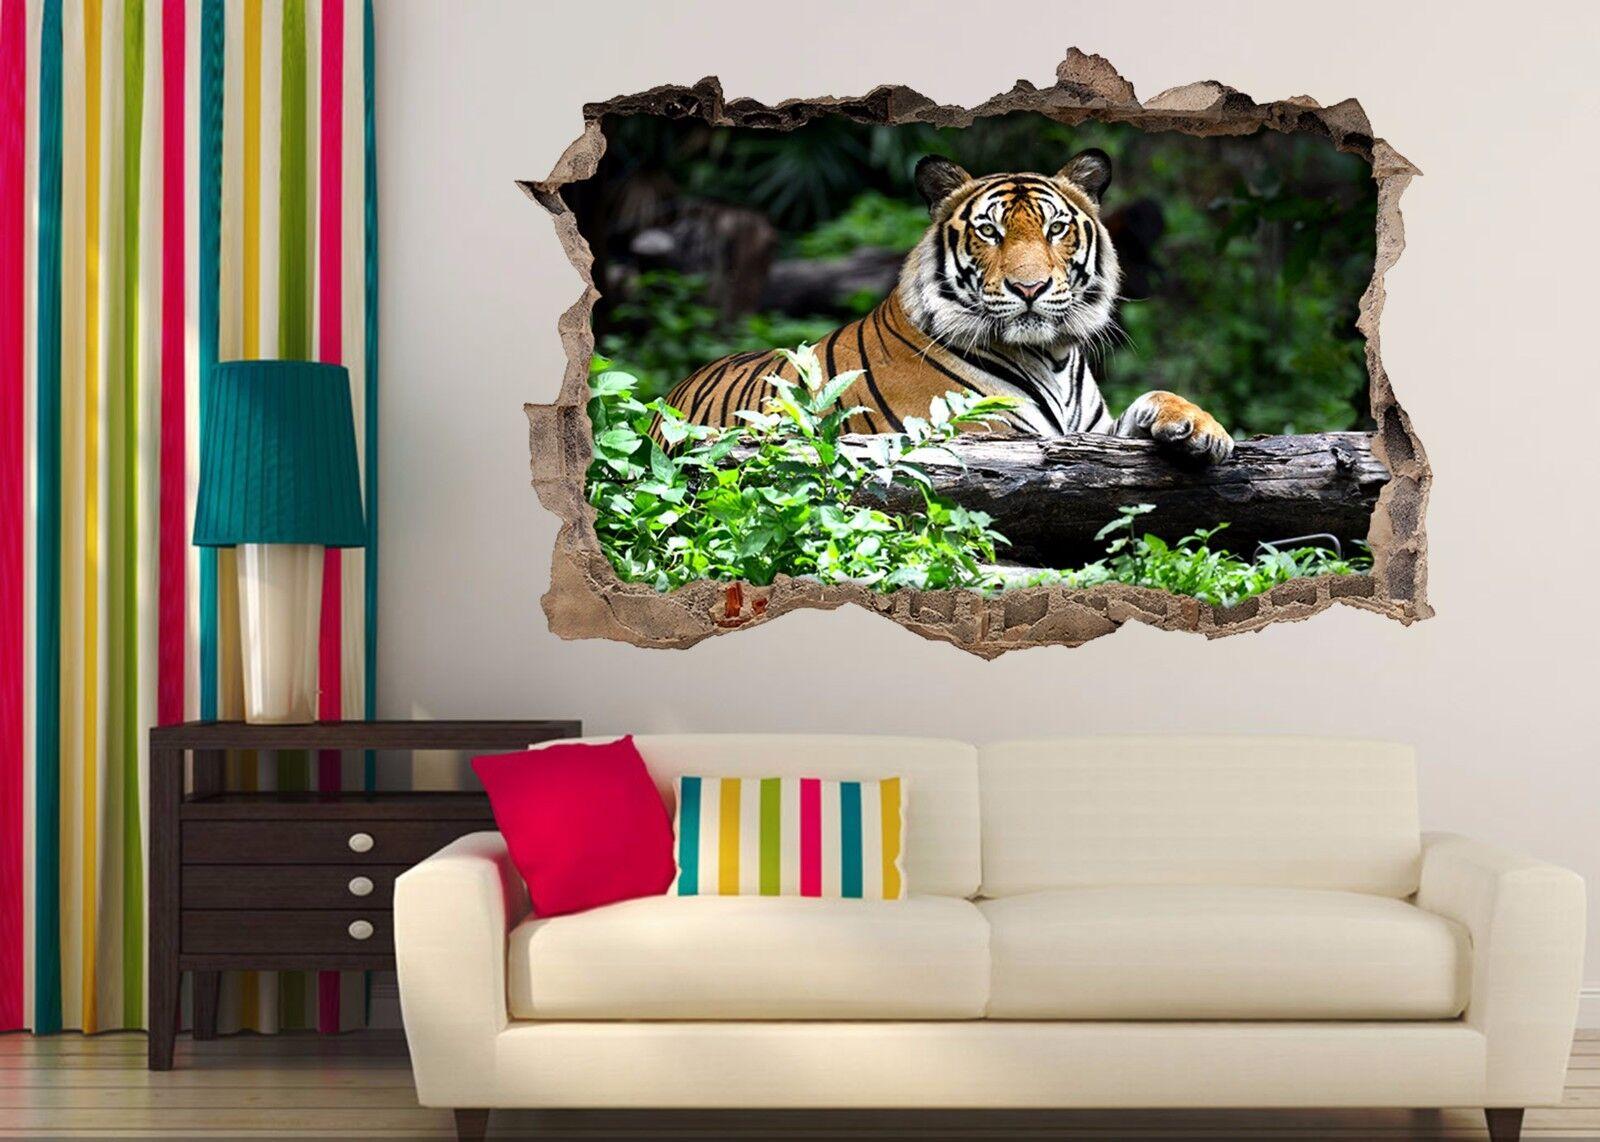 3D Tiger Baum 843 Mauer Murals Mauer Aufklebe Decal Durchbruch AJ WALLPAPER DE